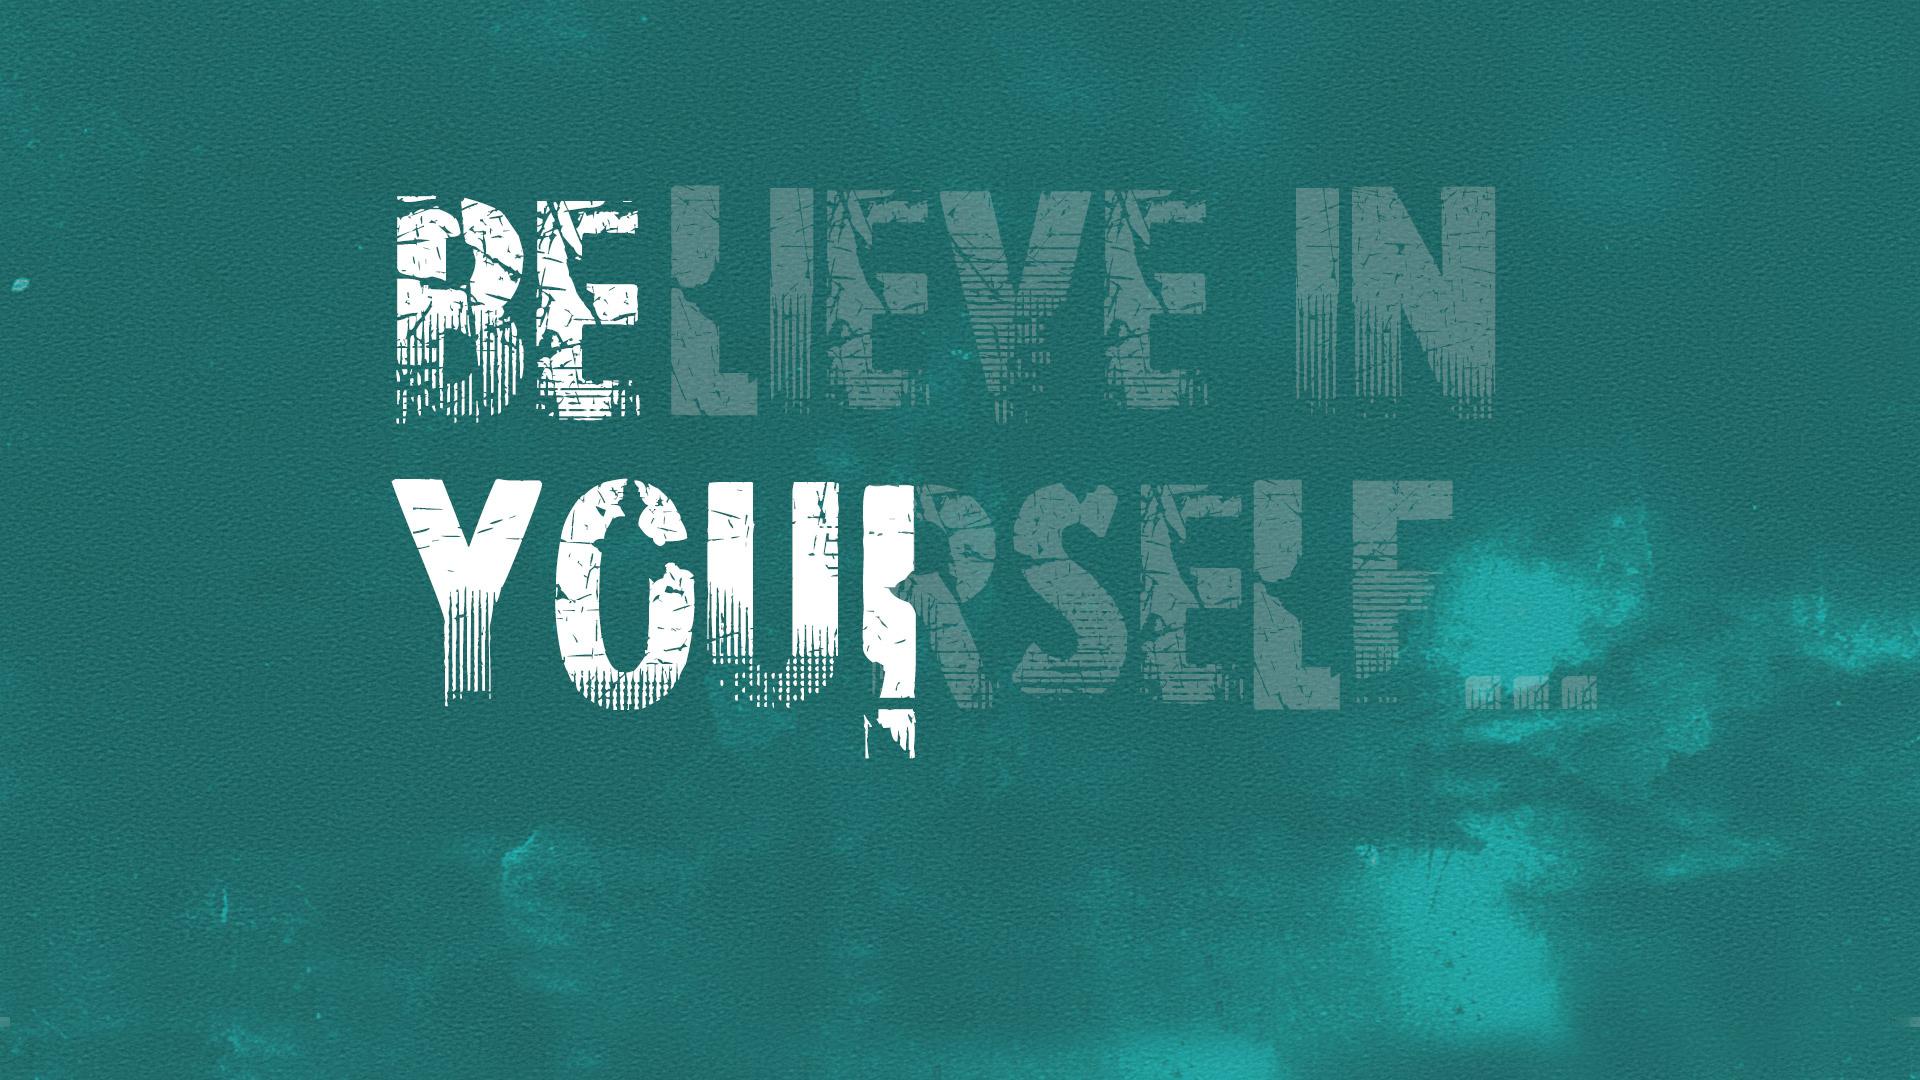 Motivational Wallpaper Believe In You Hd Desktop